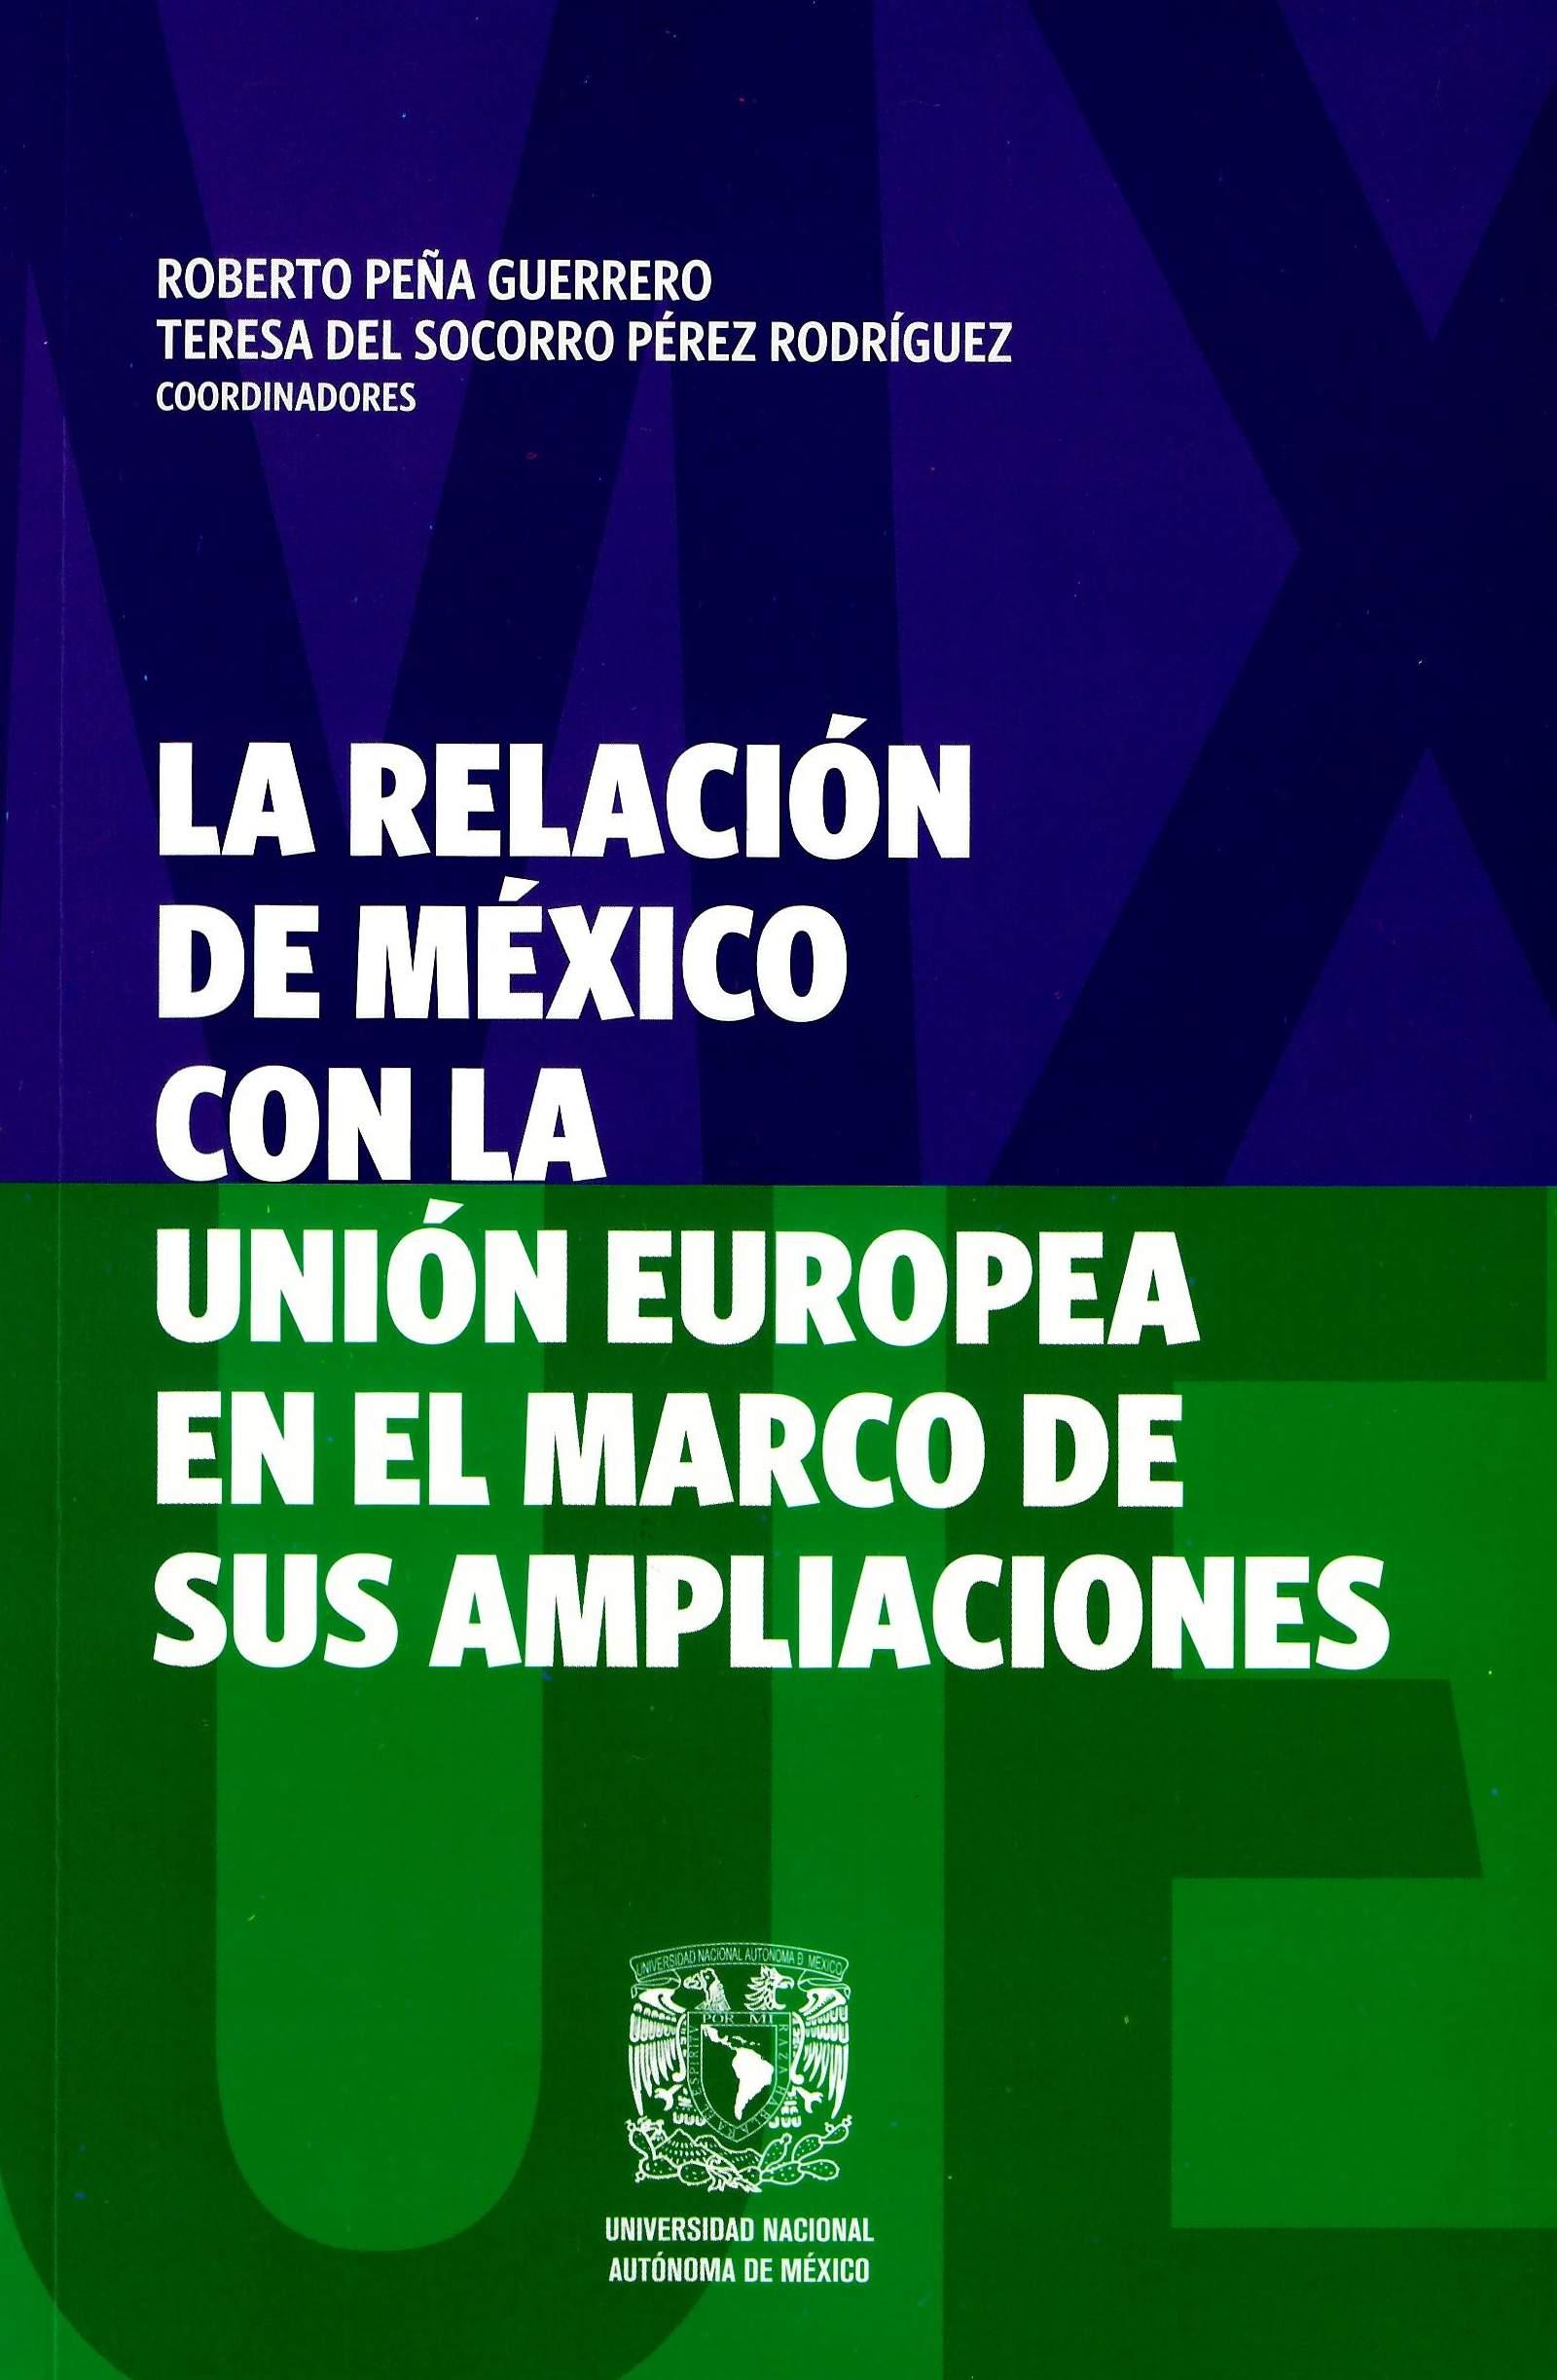 La relación de México con la Unión Europea en el marco de sus ampliaciones